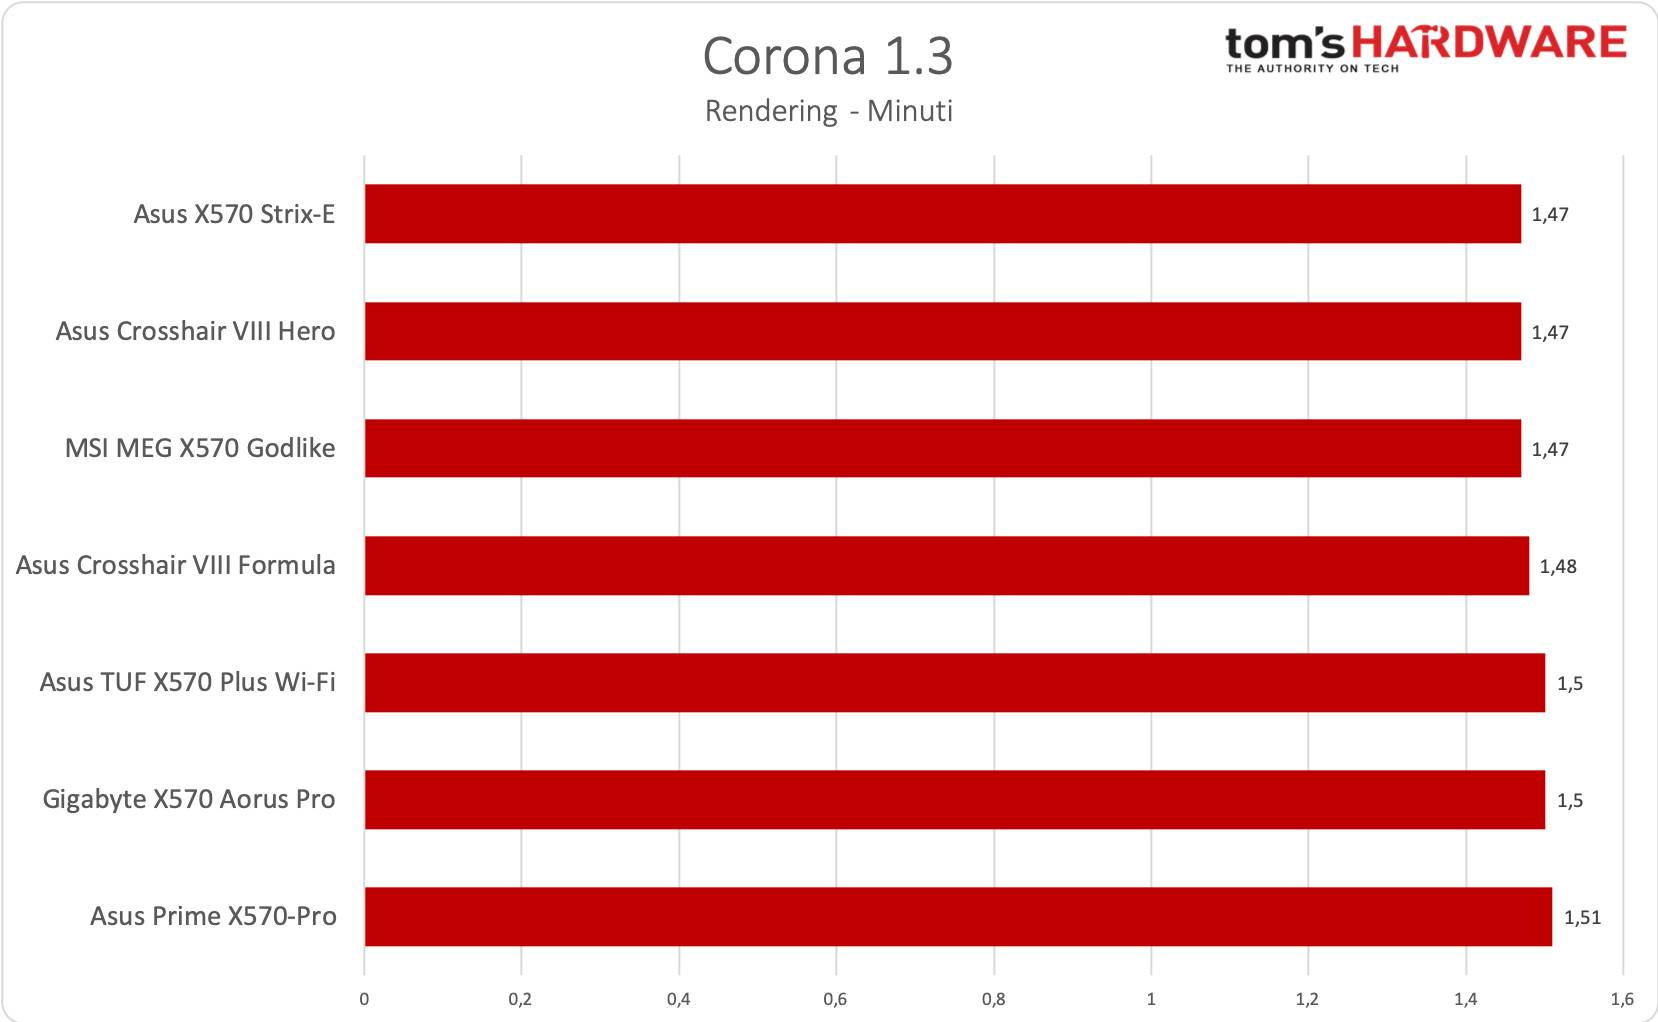 Asus TUF Gaming X570-Plus Wi-Fi - Corona 1.3